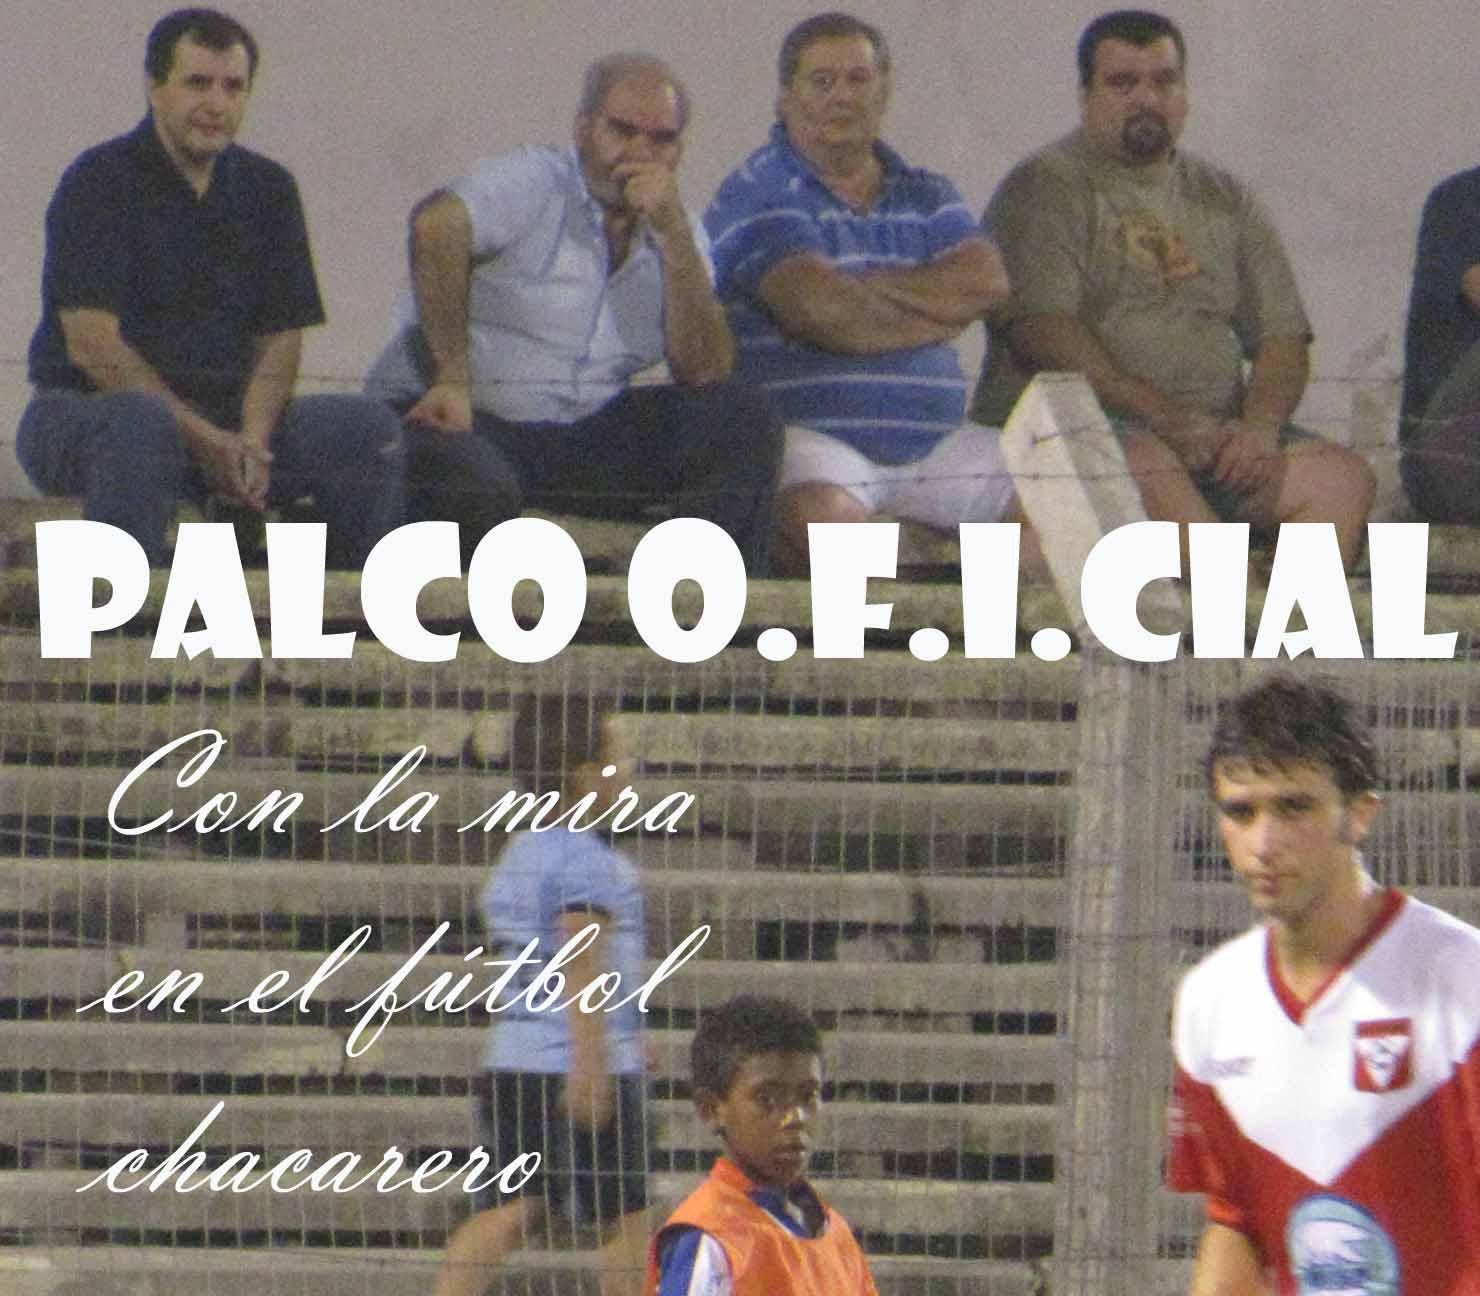 EL PALCO O.F.I.CIAL CLAUSURADO